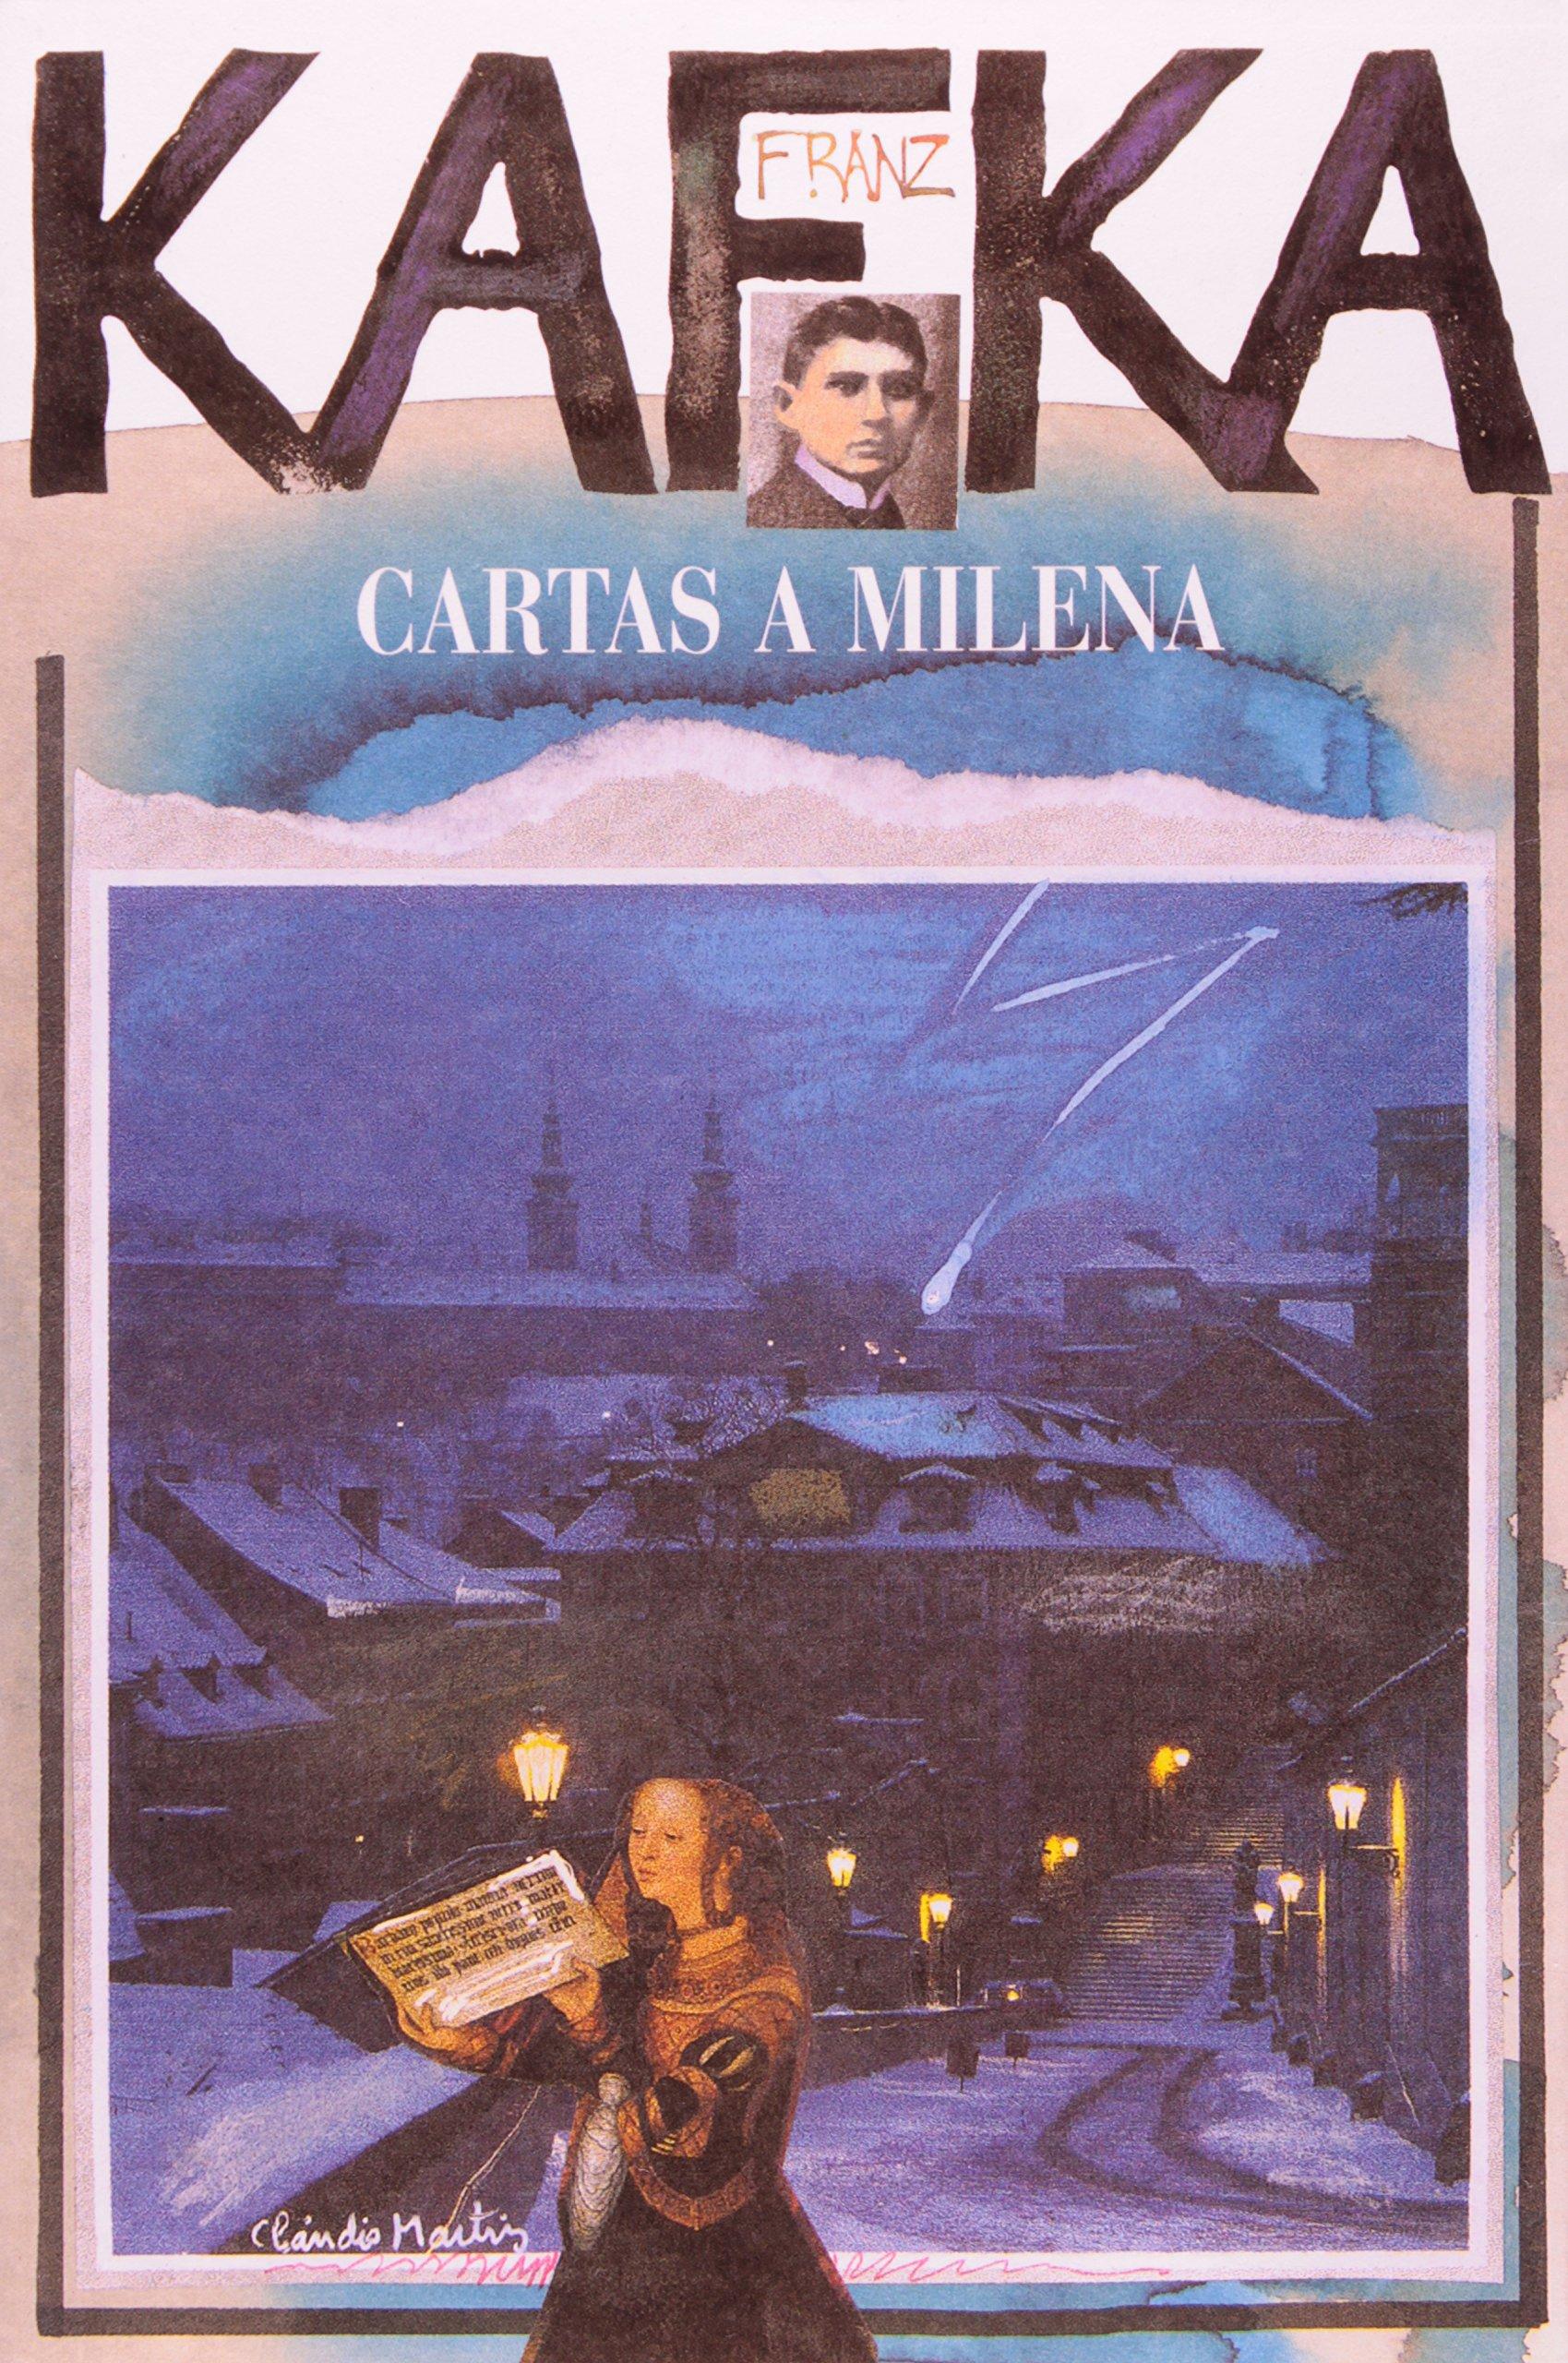 Cartas a Milena: Franz Kafka: 9788531903427: Amazon.com: Books